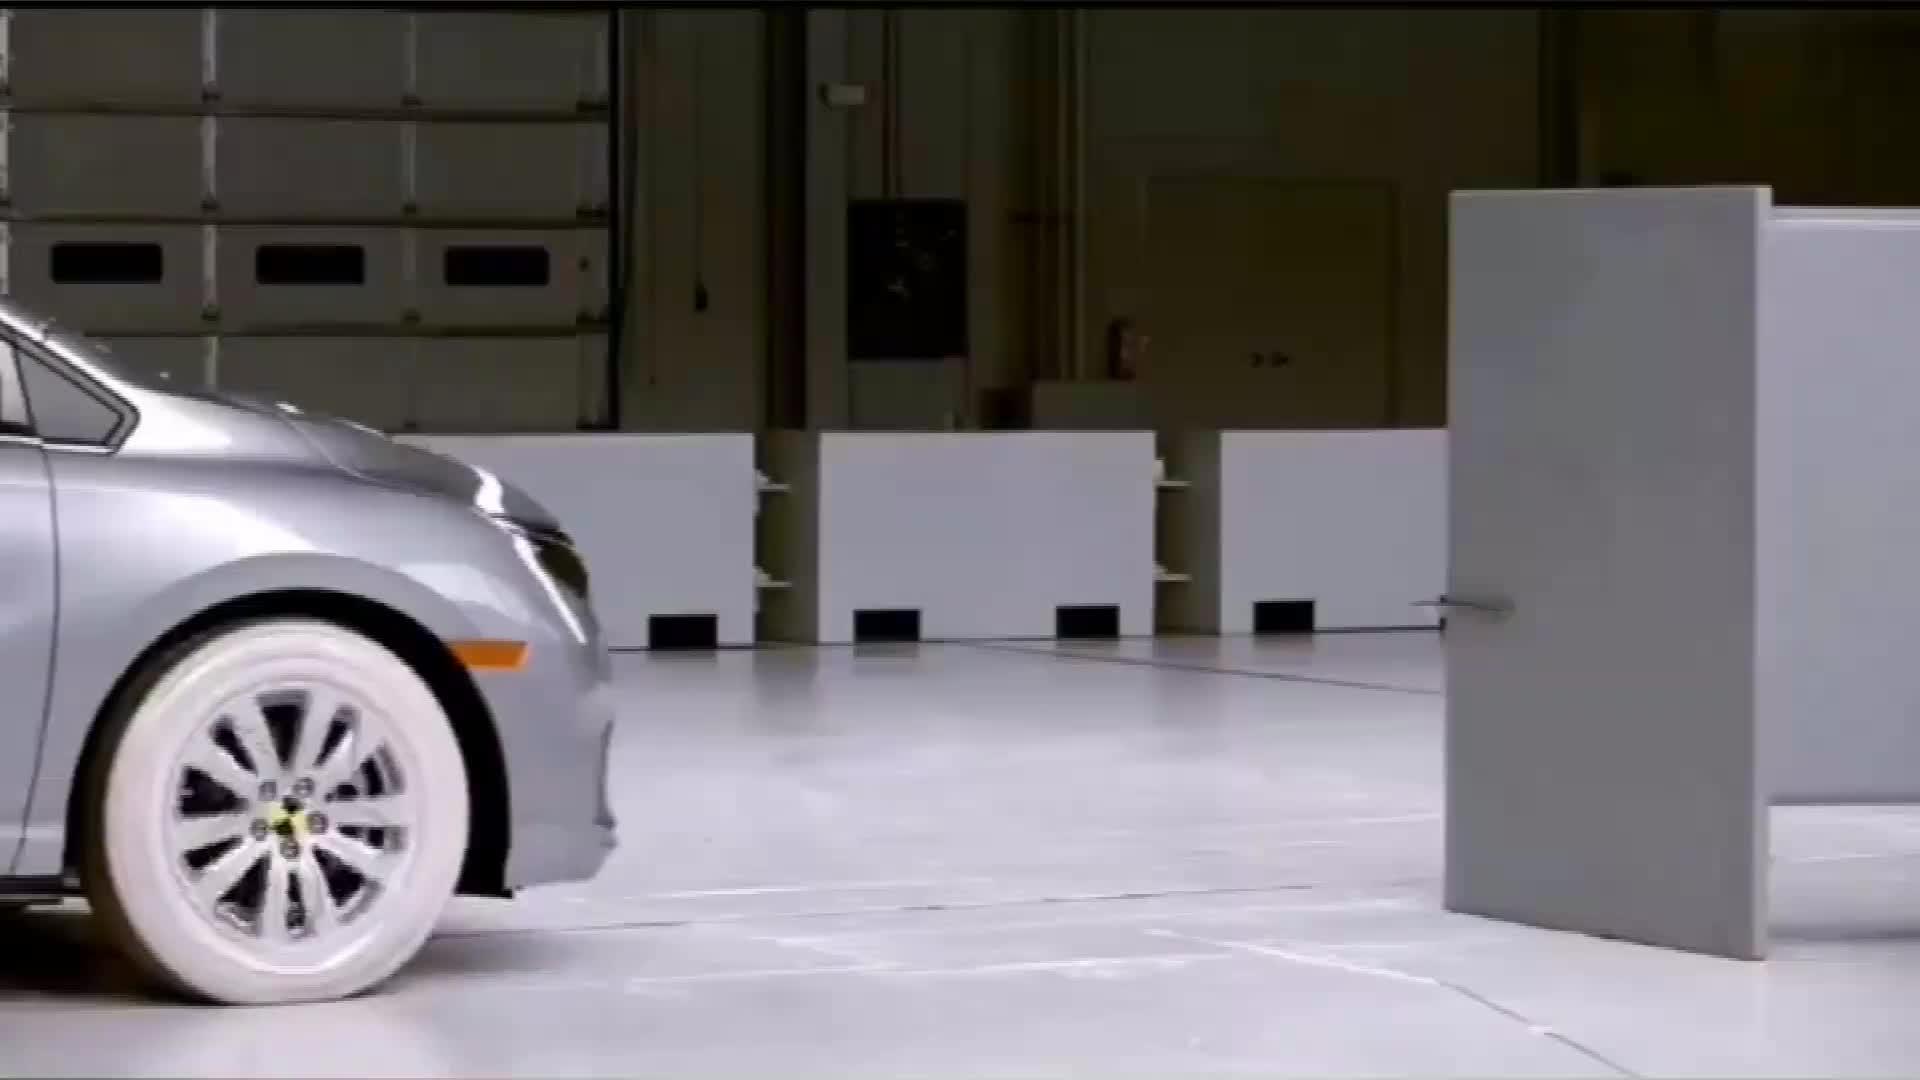 视频:本田奥德赛碰撞测试,不想多说了,大家自己体会吧